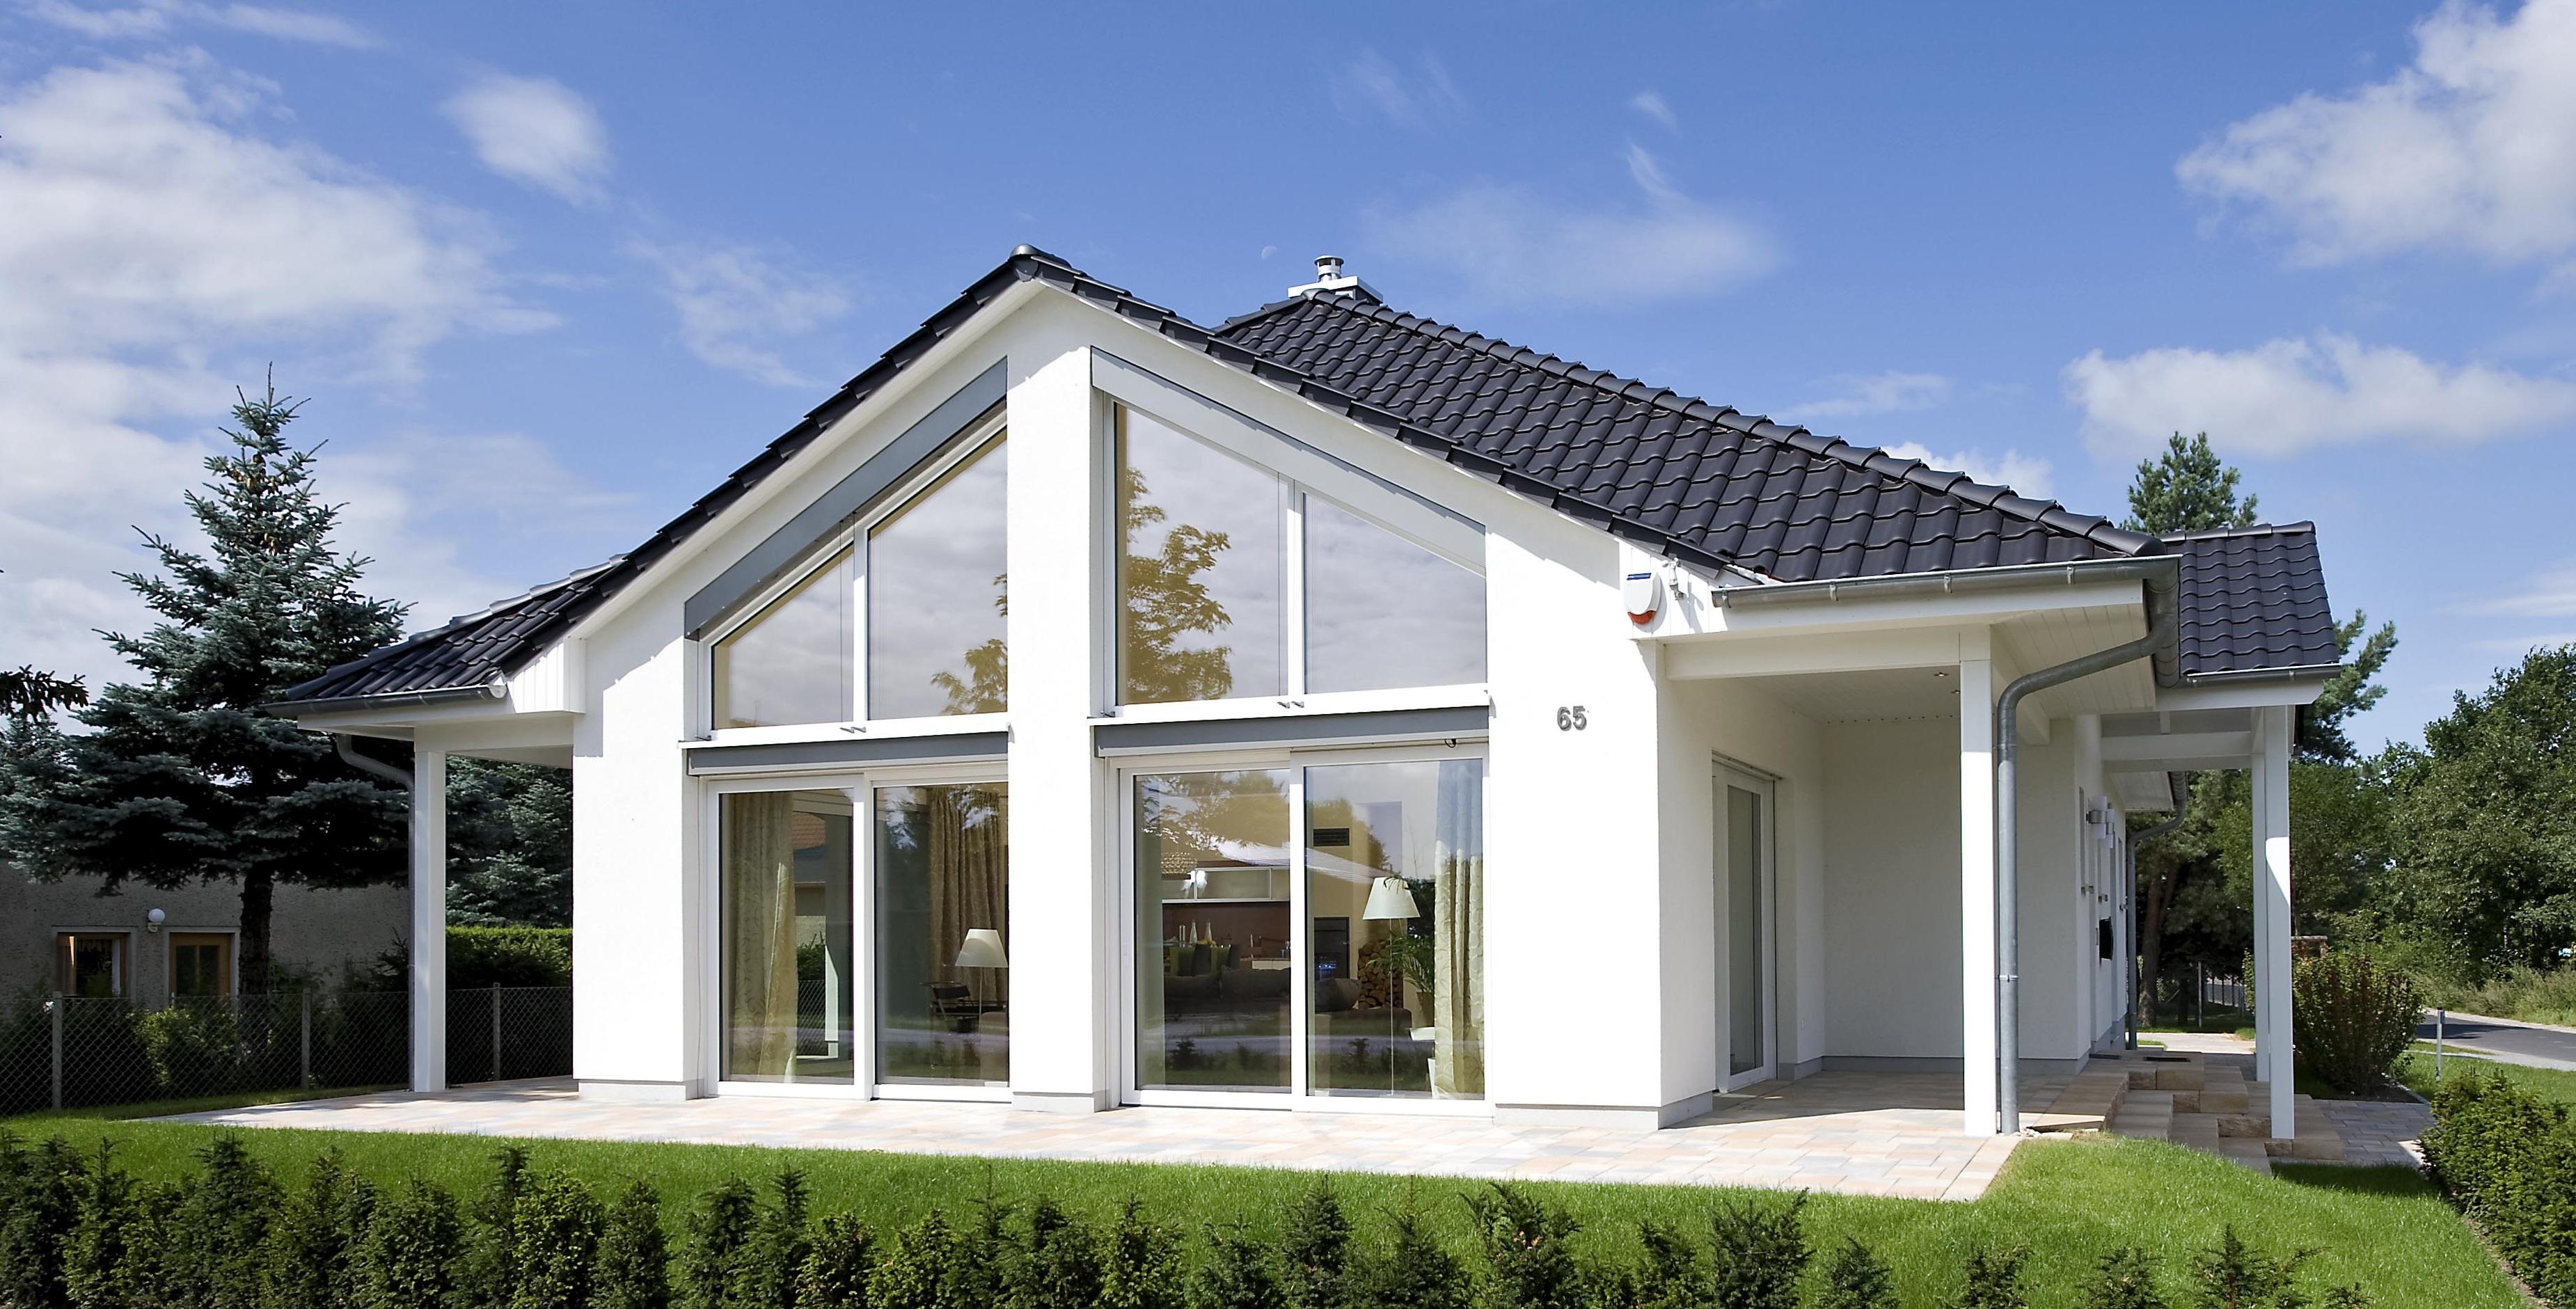 Heinz von Heiden Bungalow Oranienburg - Vor drei Jahren erhielt der Bungalow Oranienburg in der Kategorie Wohnhäuser in ebenerdiger Bauweise bereits den zweiten Preis